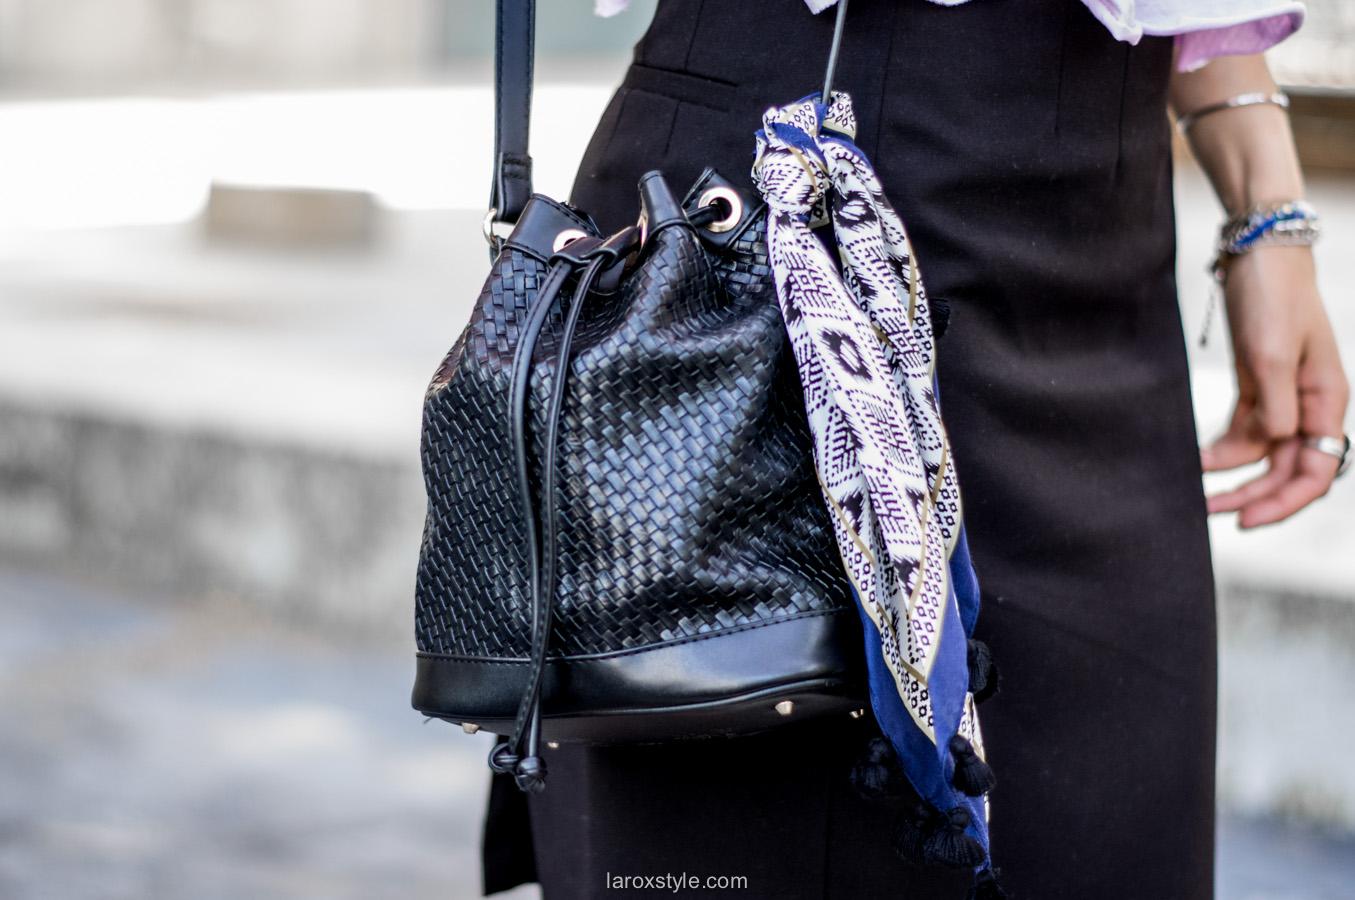 sac sceau - foulard en soie - look